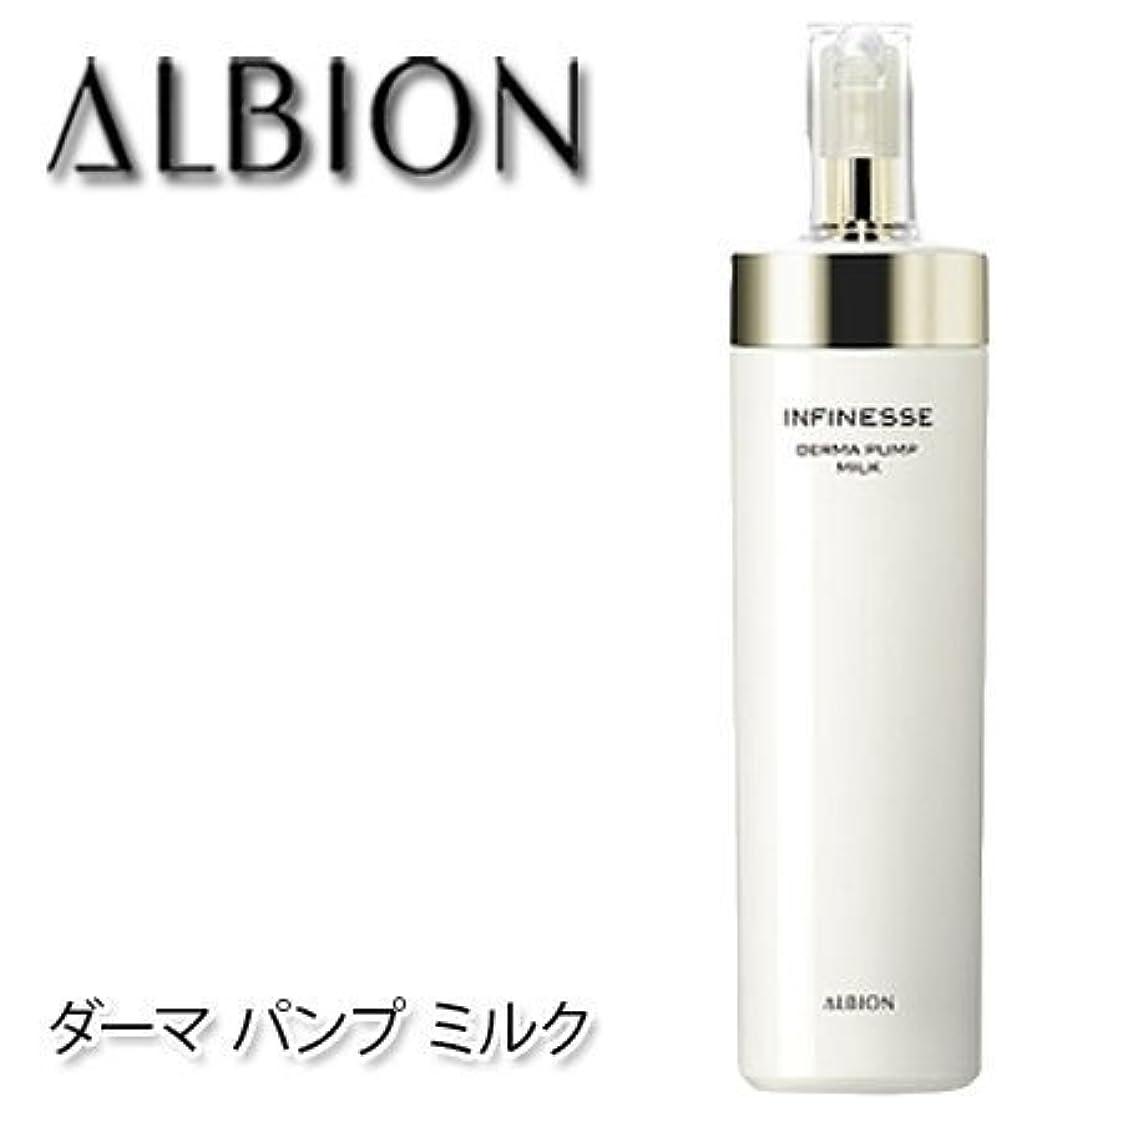 理論的ストレンジャーキッチンアルビオン アンフィネス ダーマ パンプ ミルク 200g-ALBION-